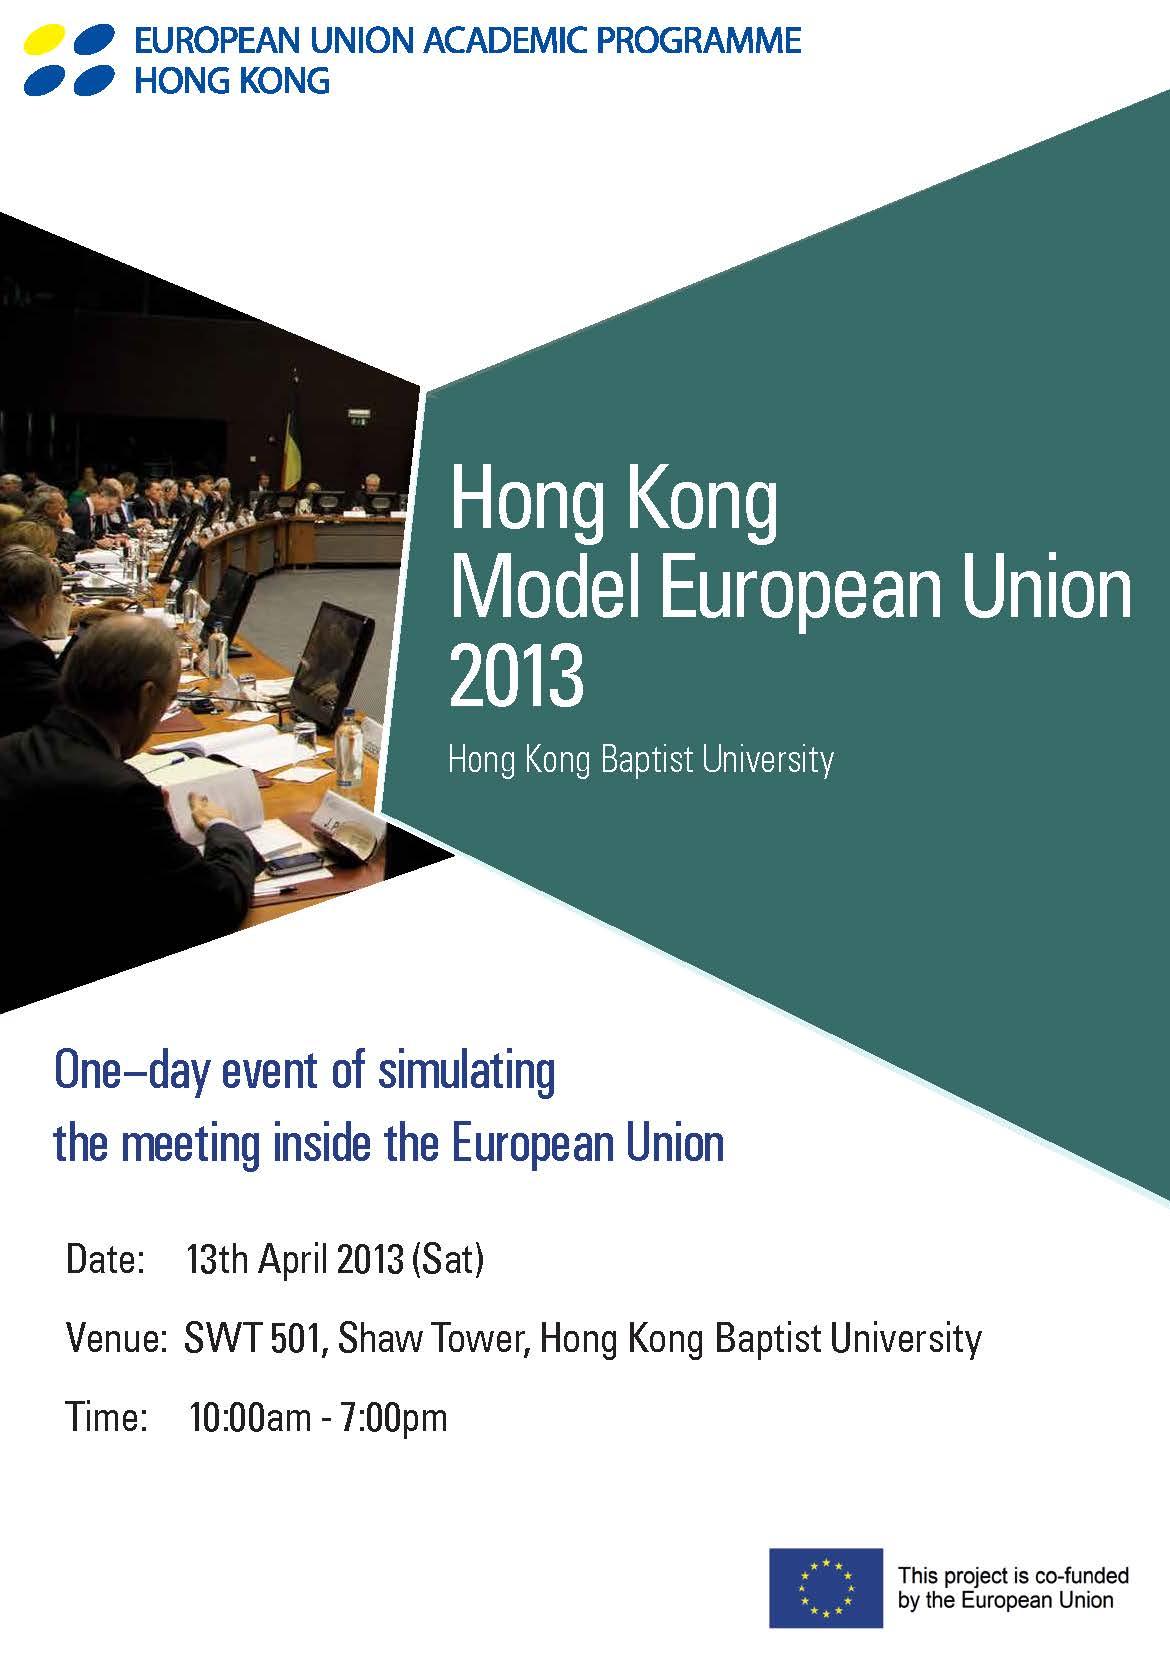 Hong Kong Model European Union 2013